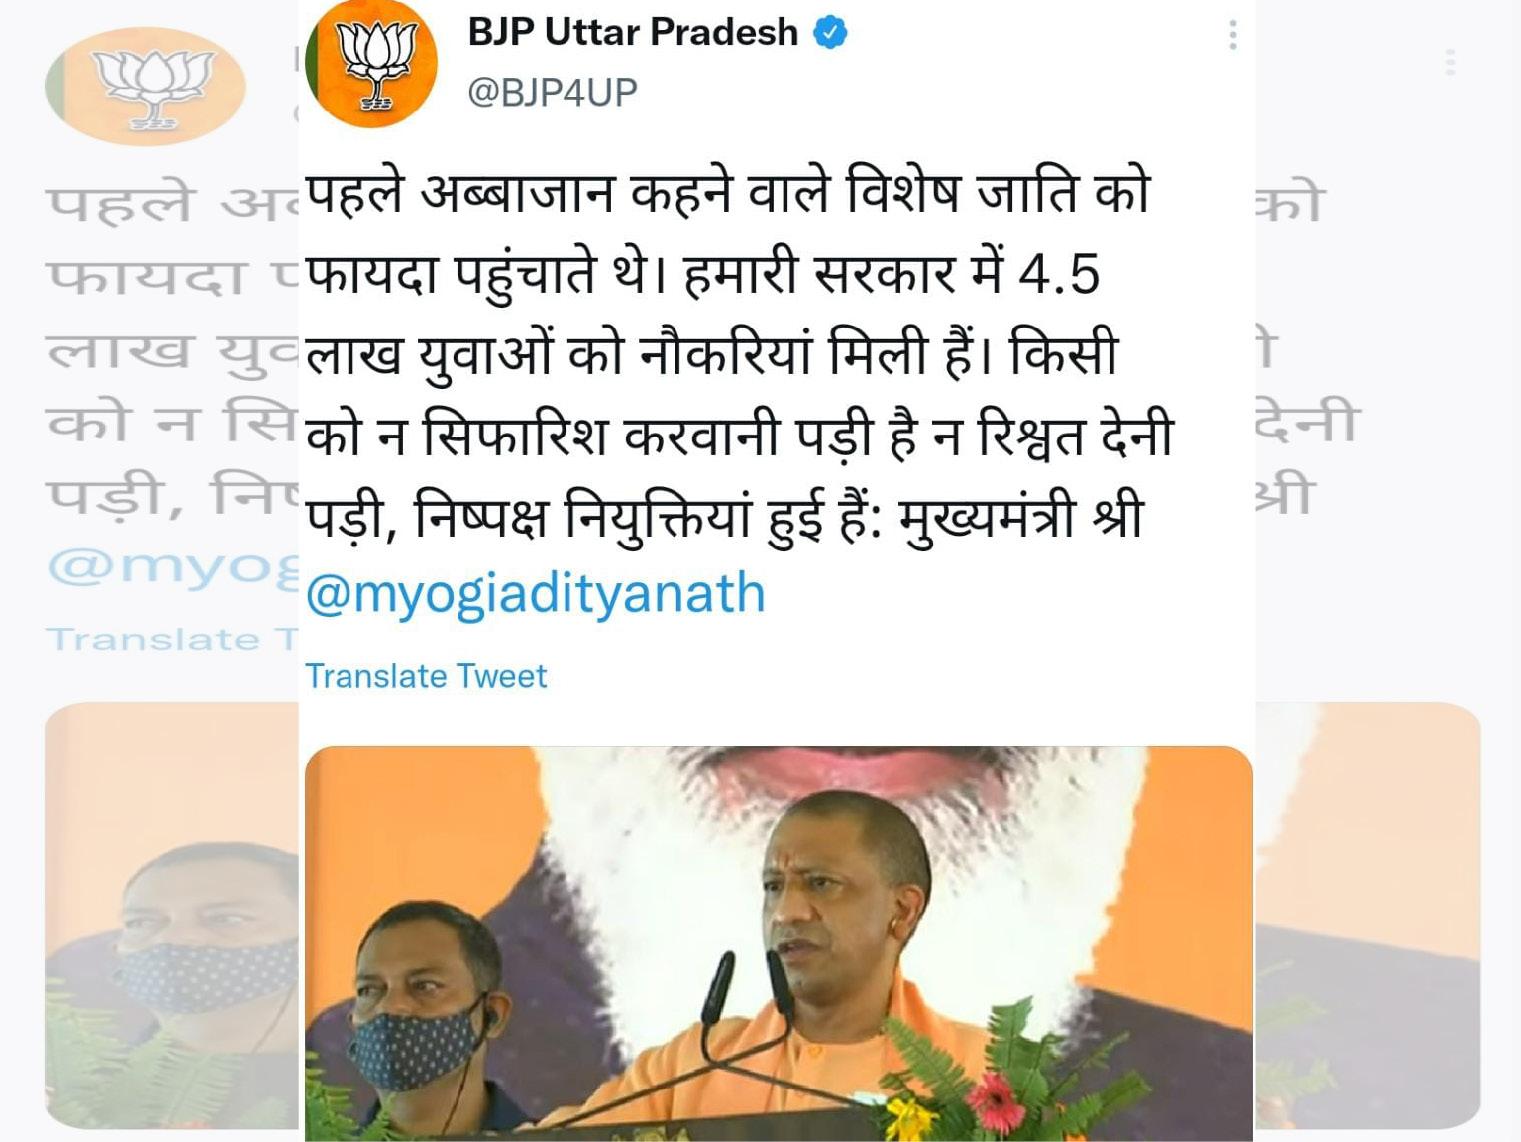 मुख्यमंत्री योगी ने यह बयान दो दिन पहले कुशीनगर में दिया था।